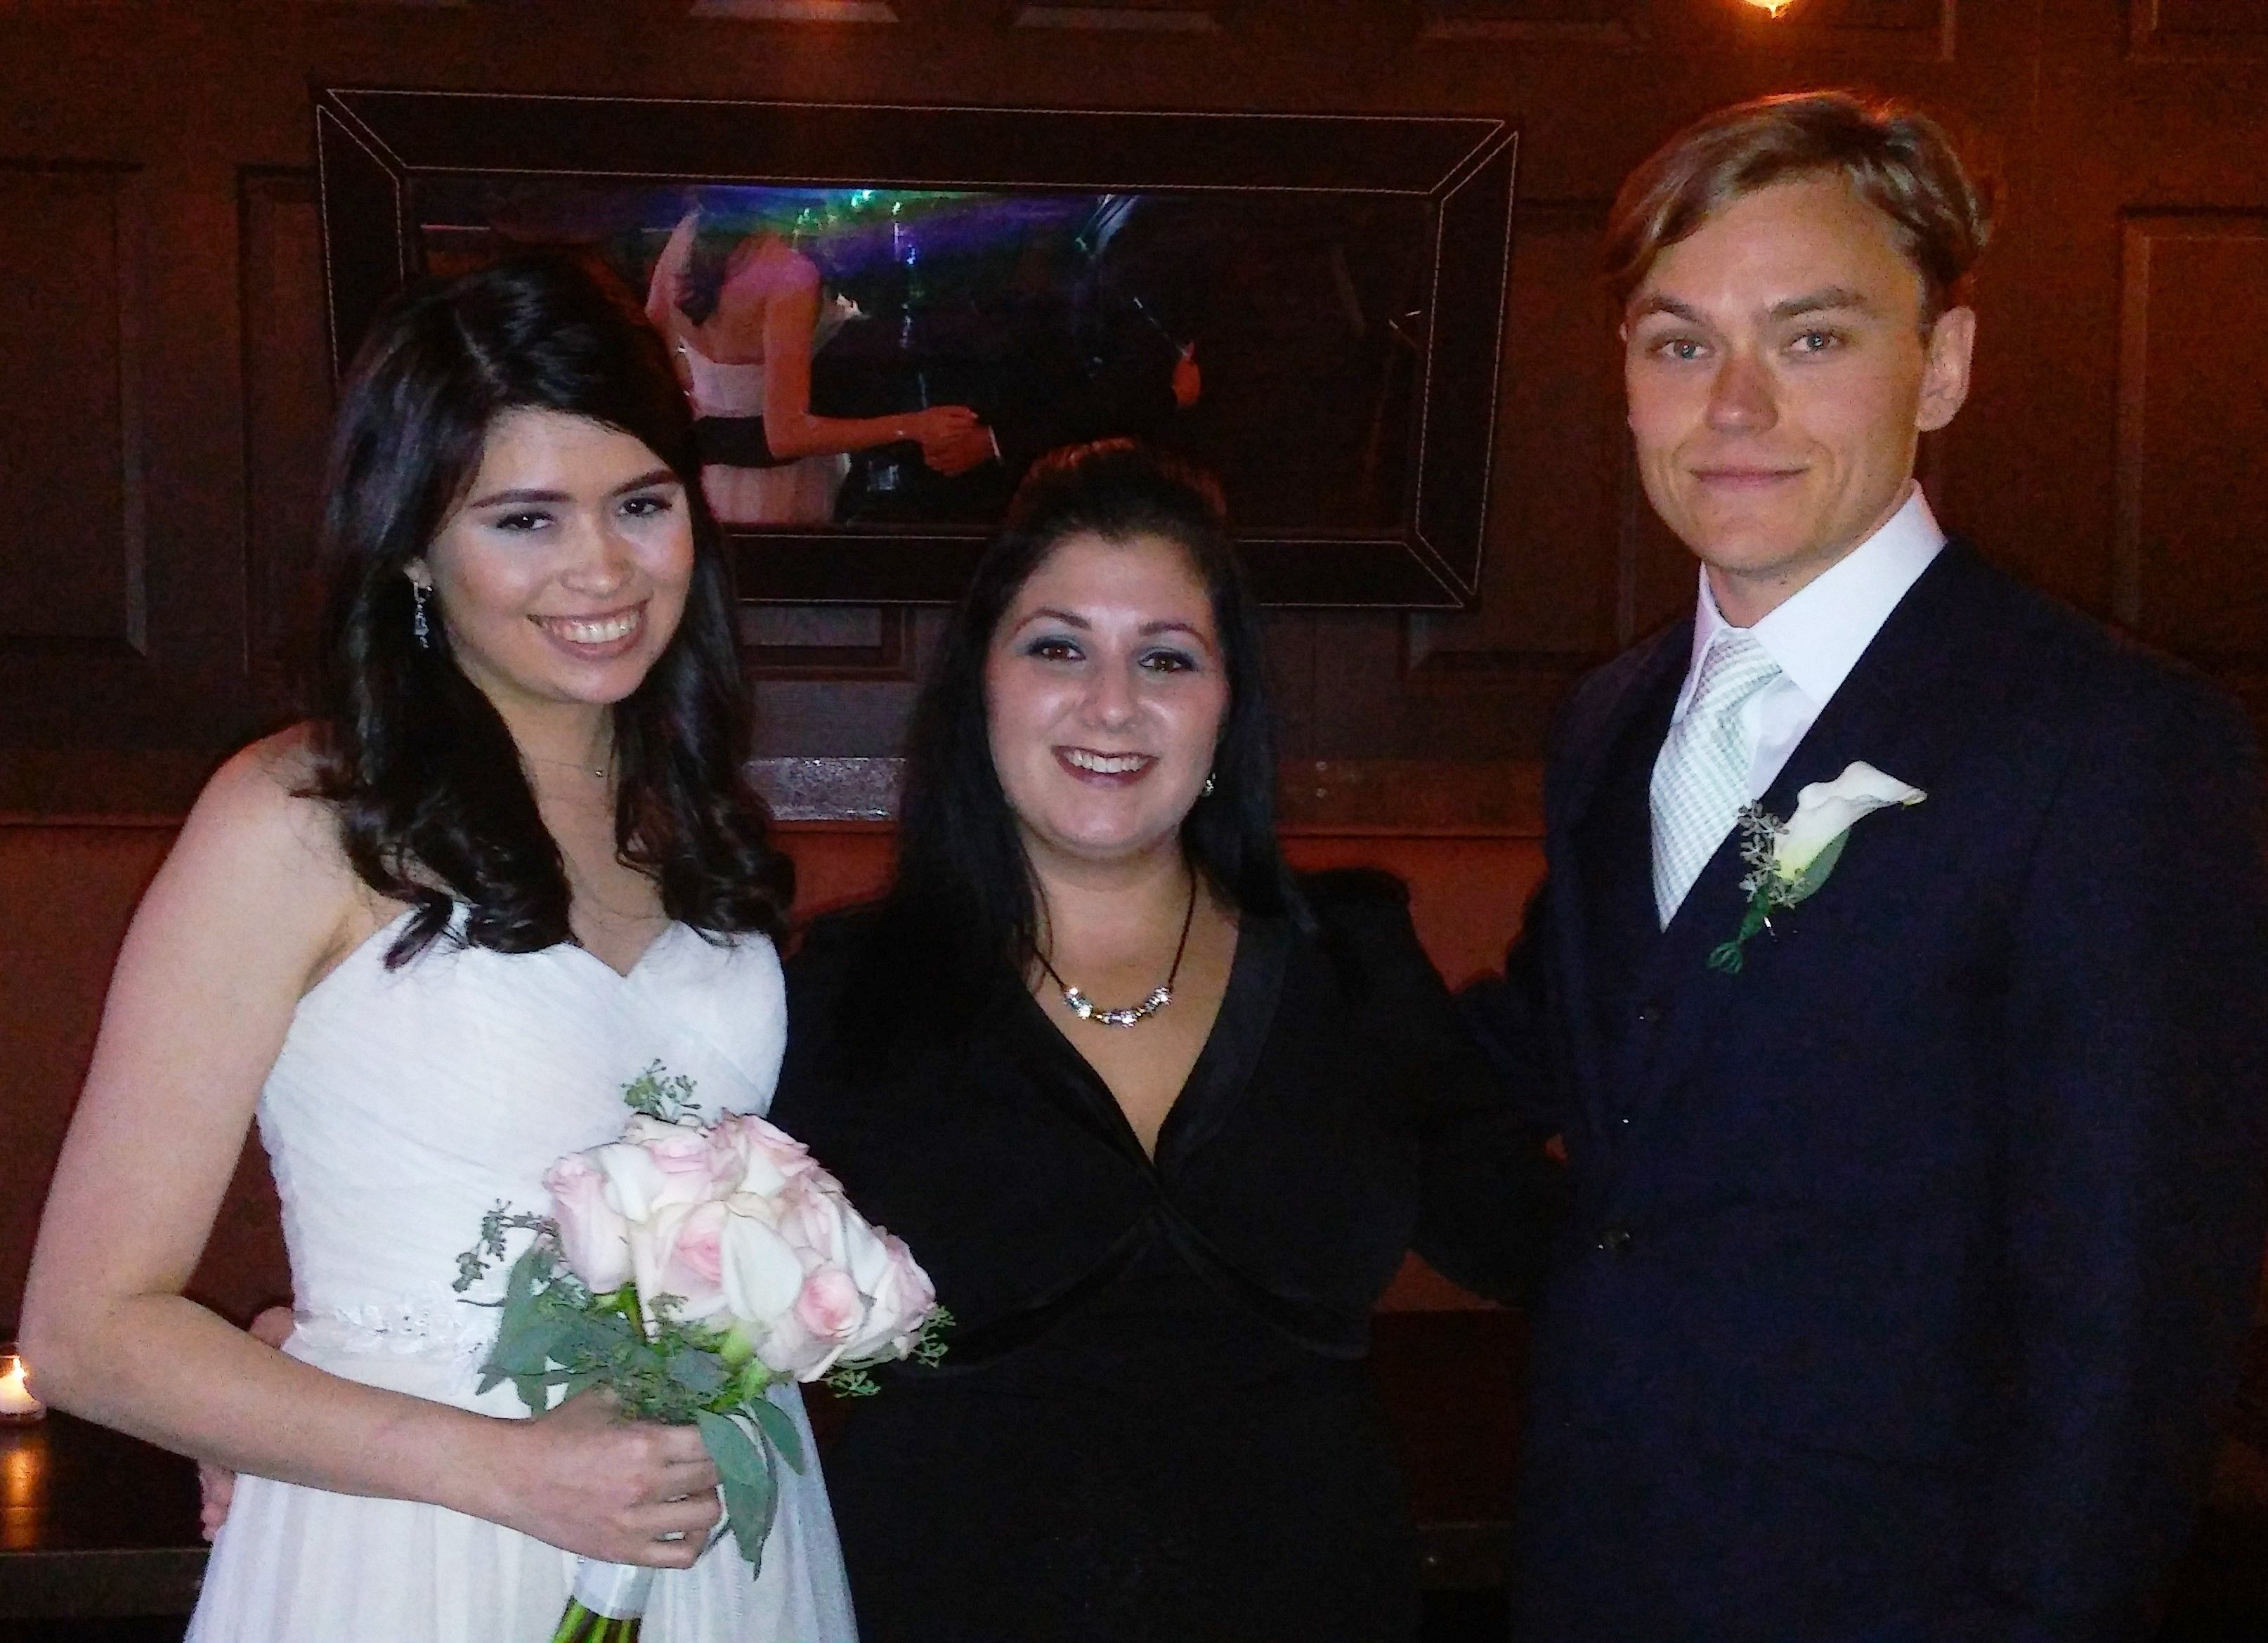 Katie & Scott Wedding officiant, Wedding, Officiants